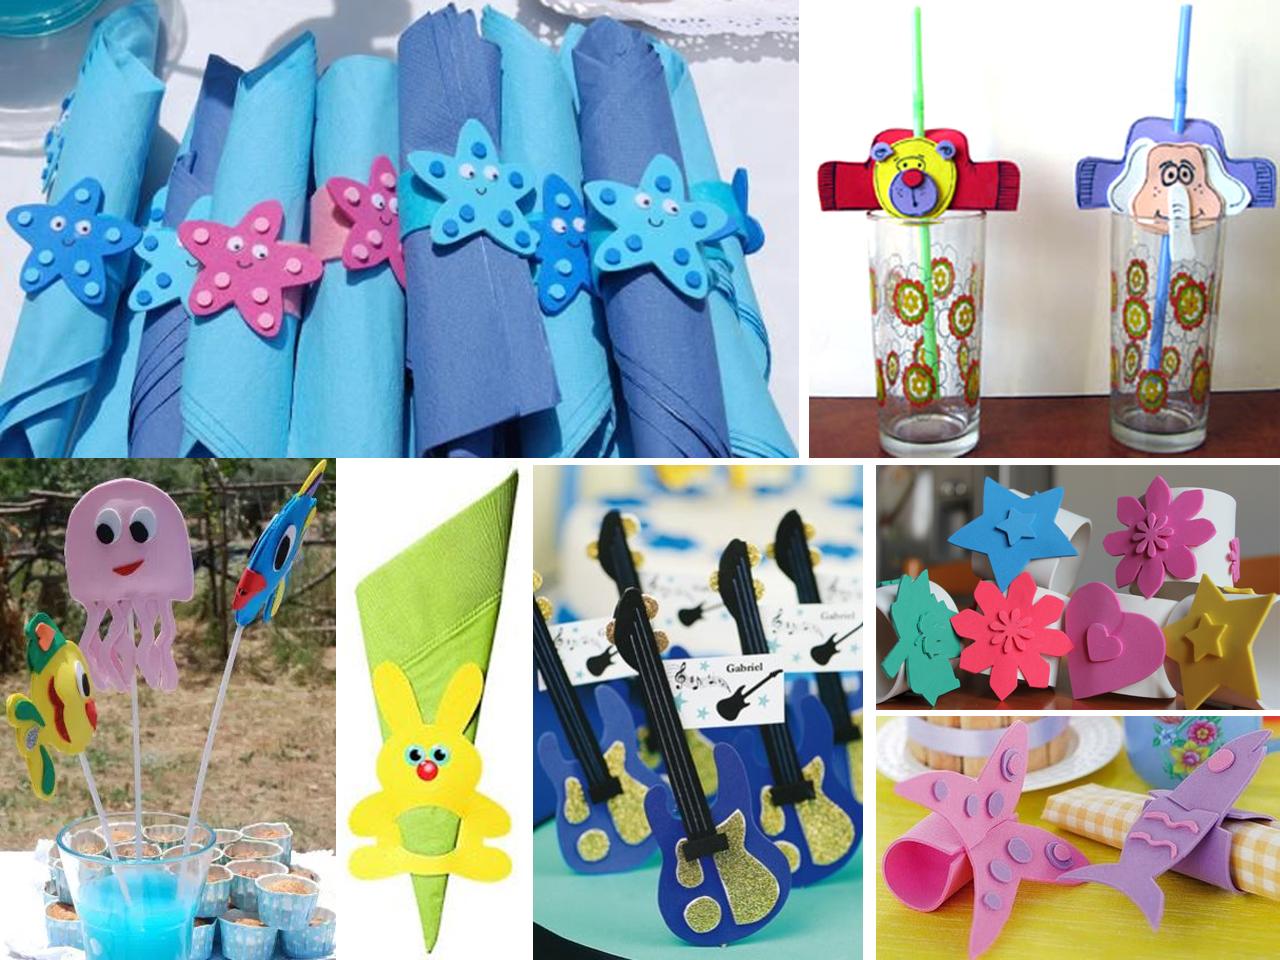 Manualidades en goma eva para cumplea os for Manualidades decoracion infantil